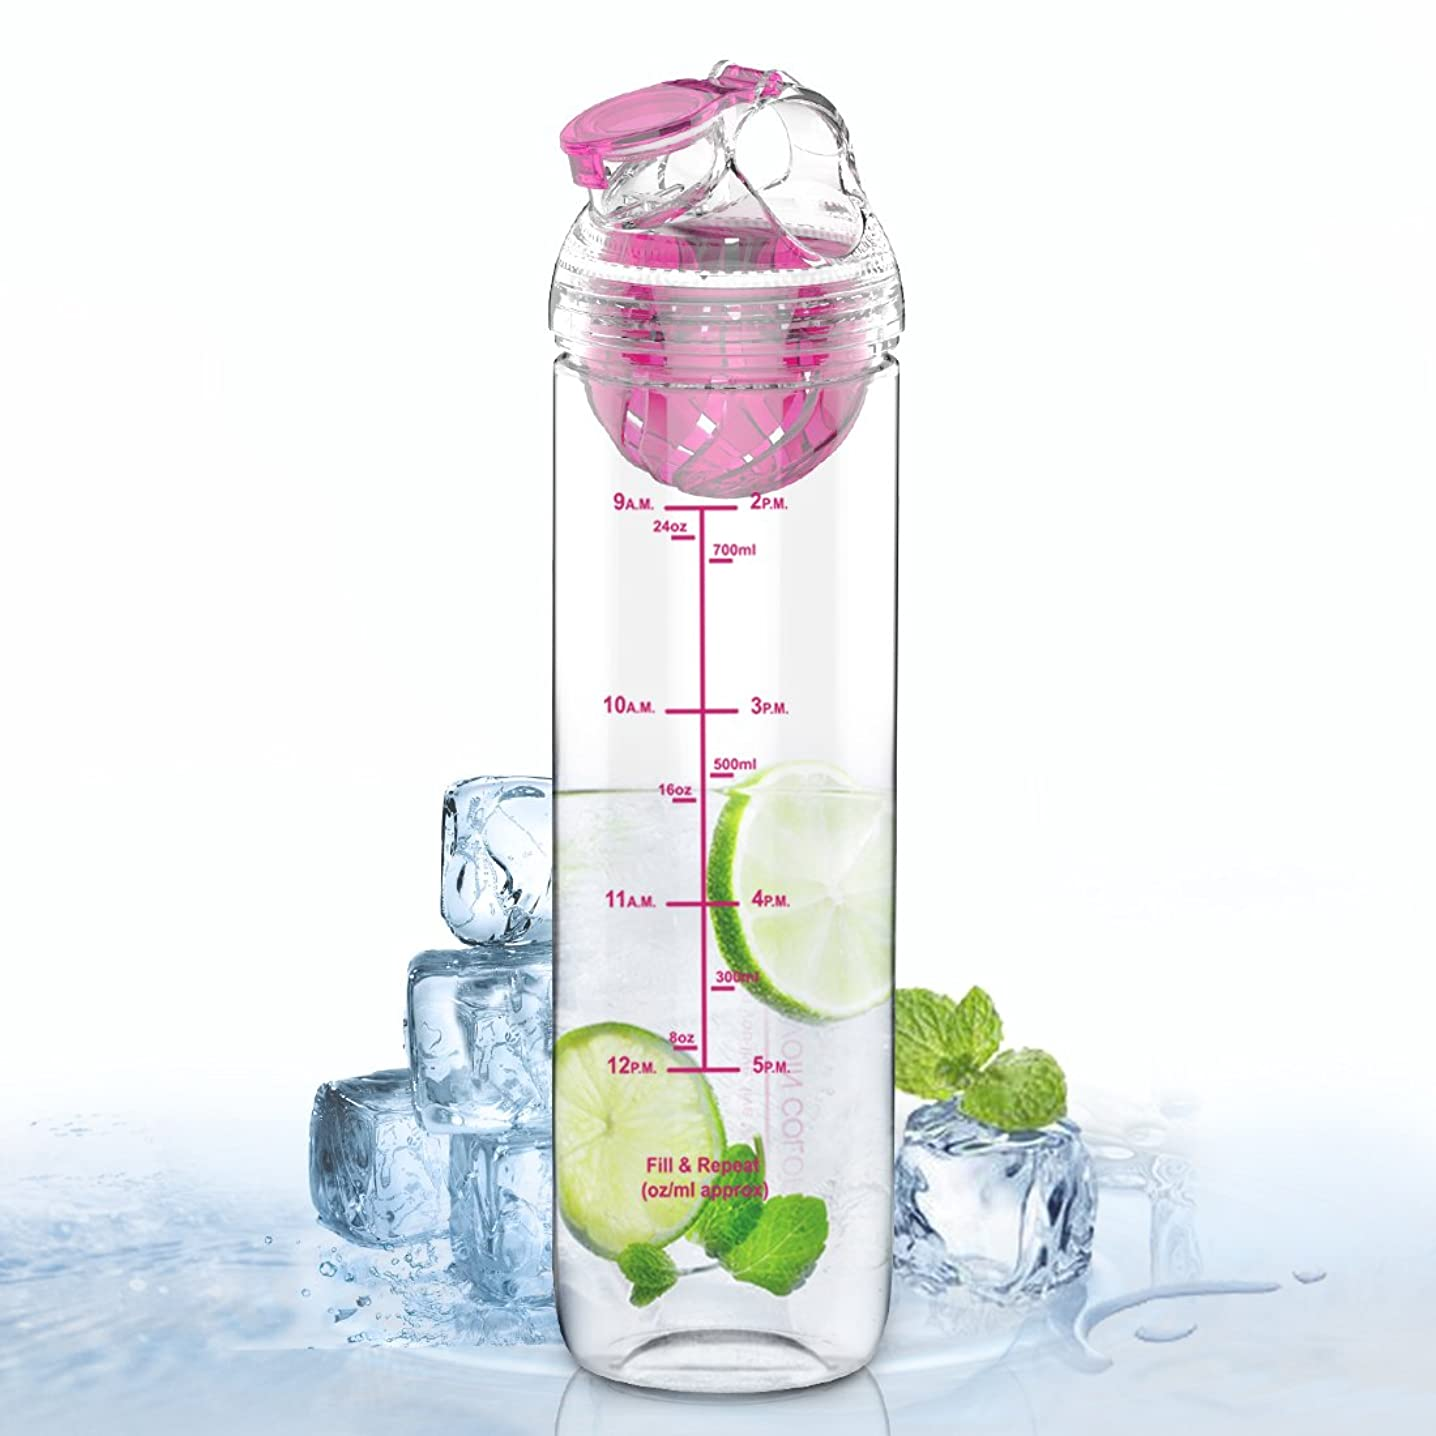 ピラミッド振動する不適AVOIN colorlife フルーツウォーターボトル 2代目フィルター付き 目盛りつき デトックスドリンク Tritan 直飲み BPAフリー プラスチックボトル 800ml